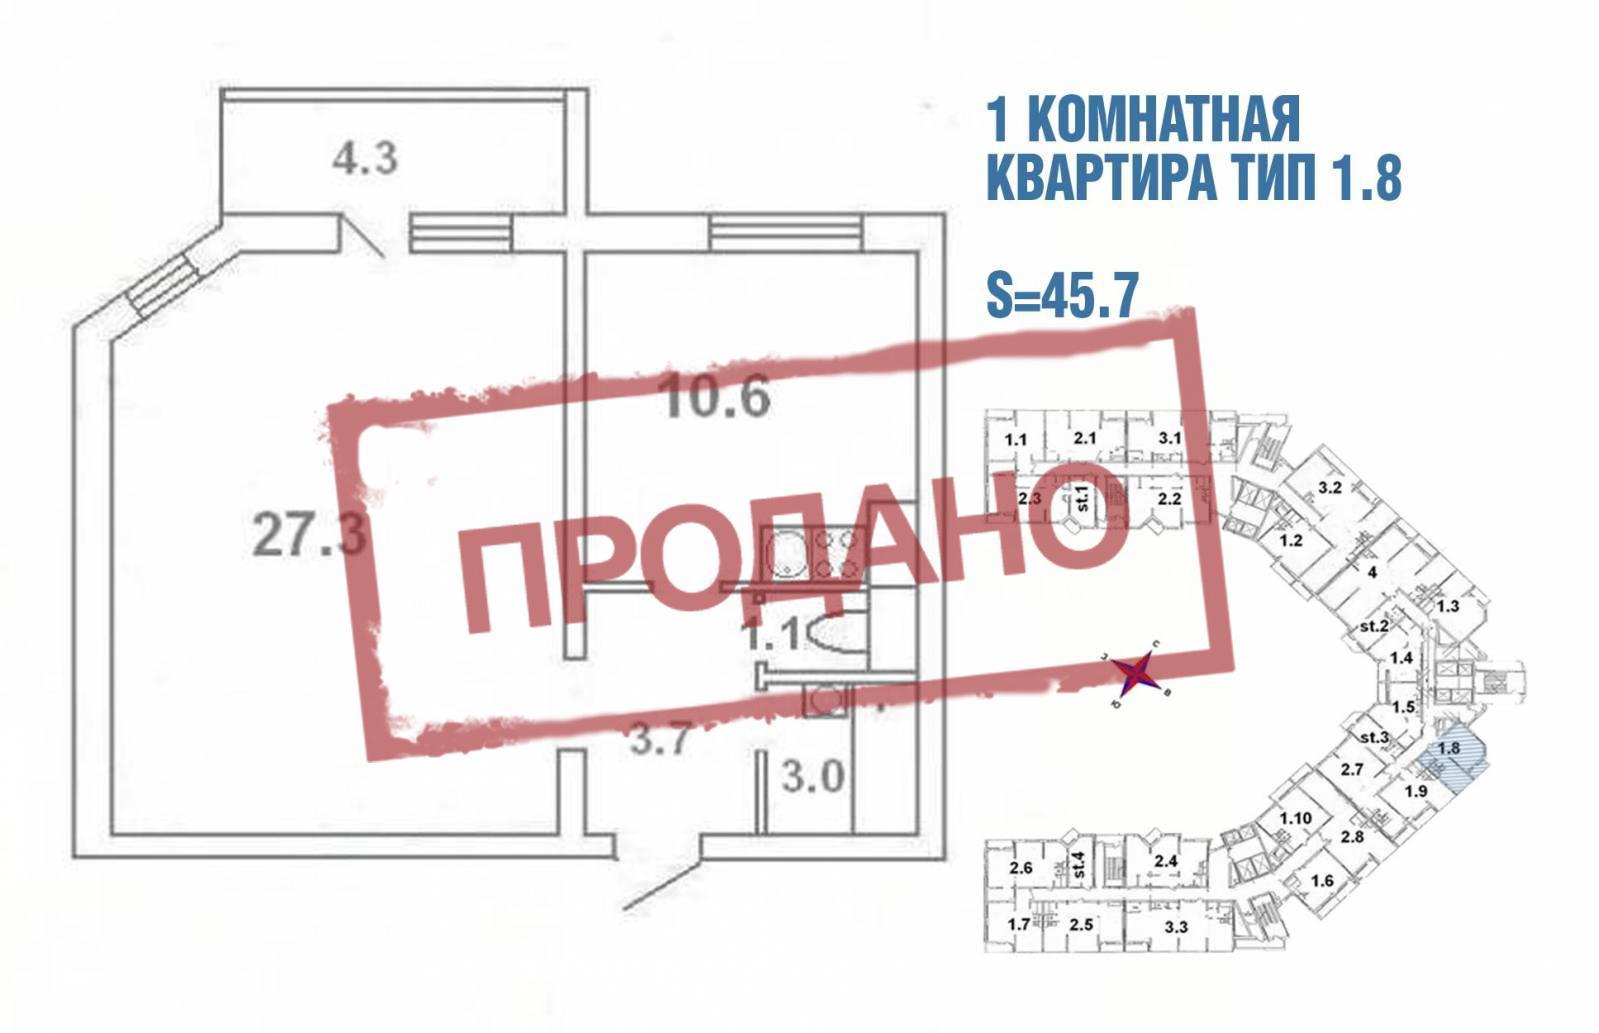 1 комнатная квартира тип 1.8 - 45,7 кв.м.